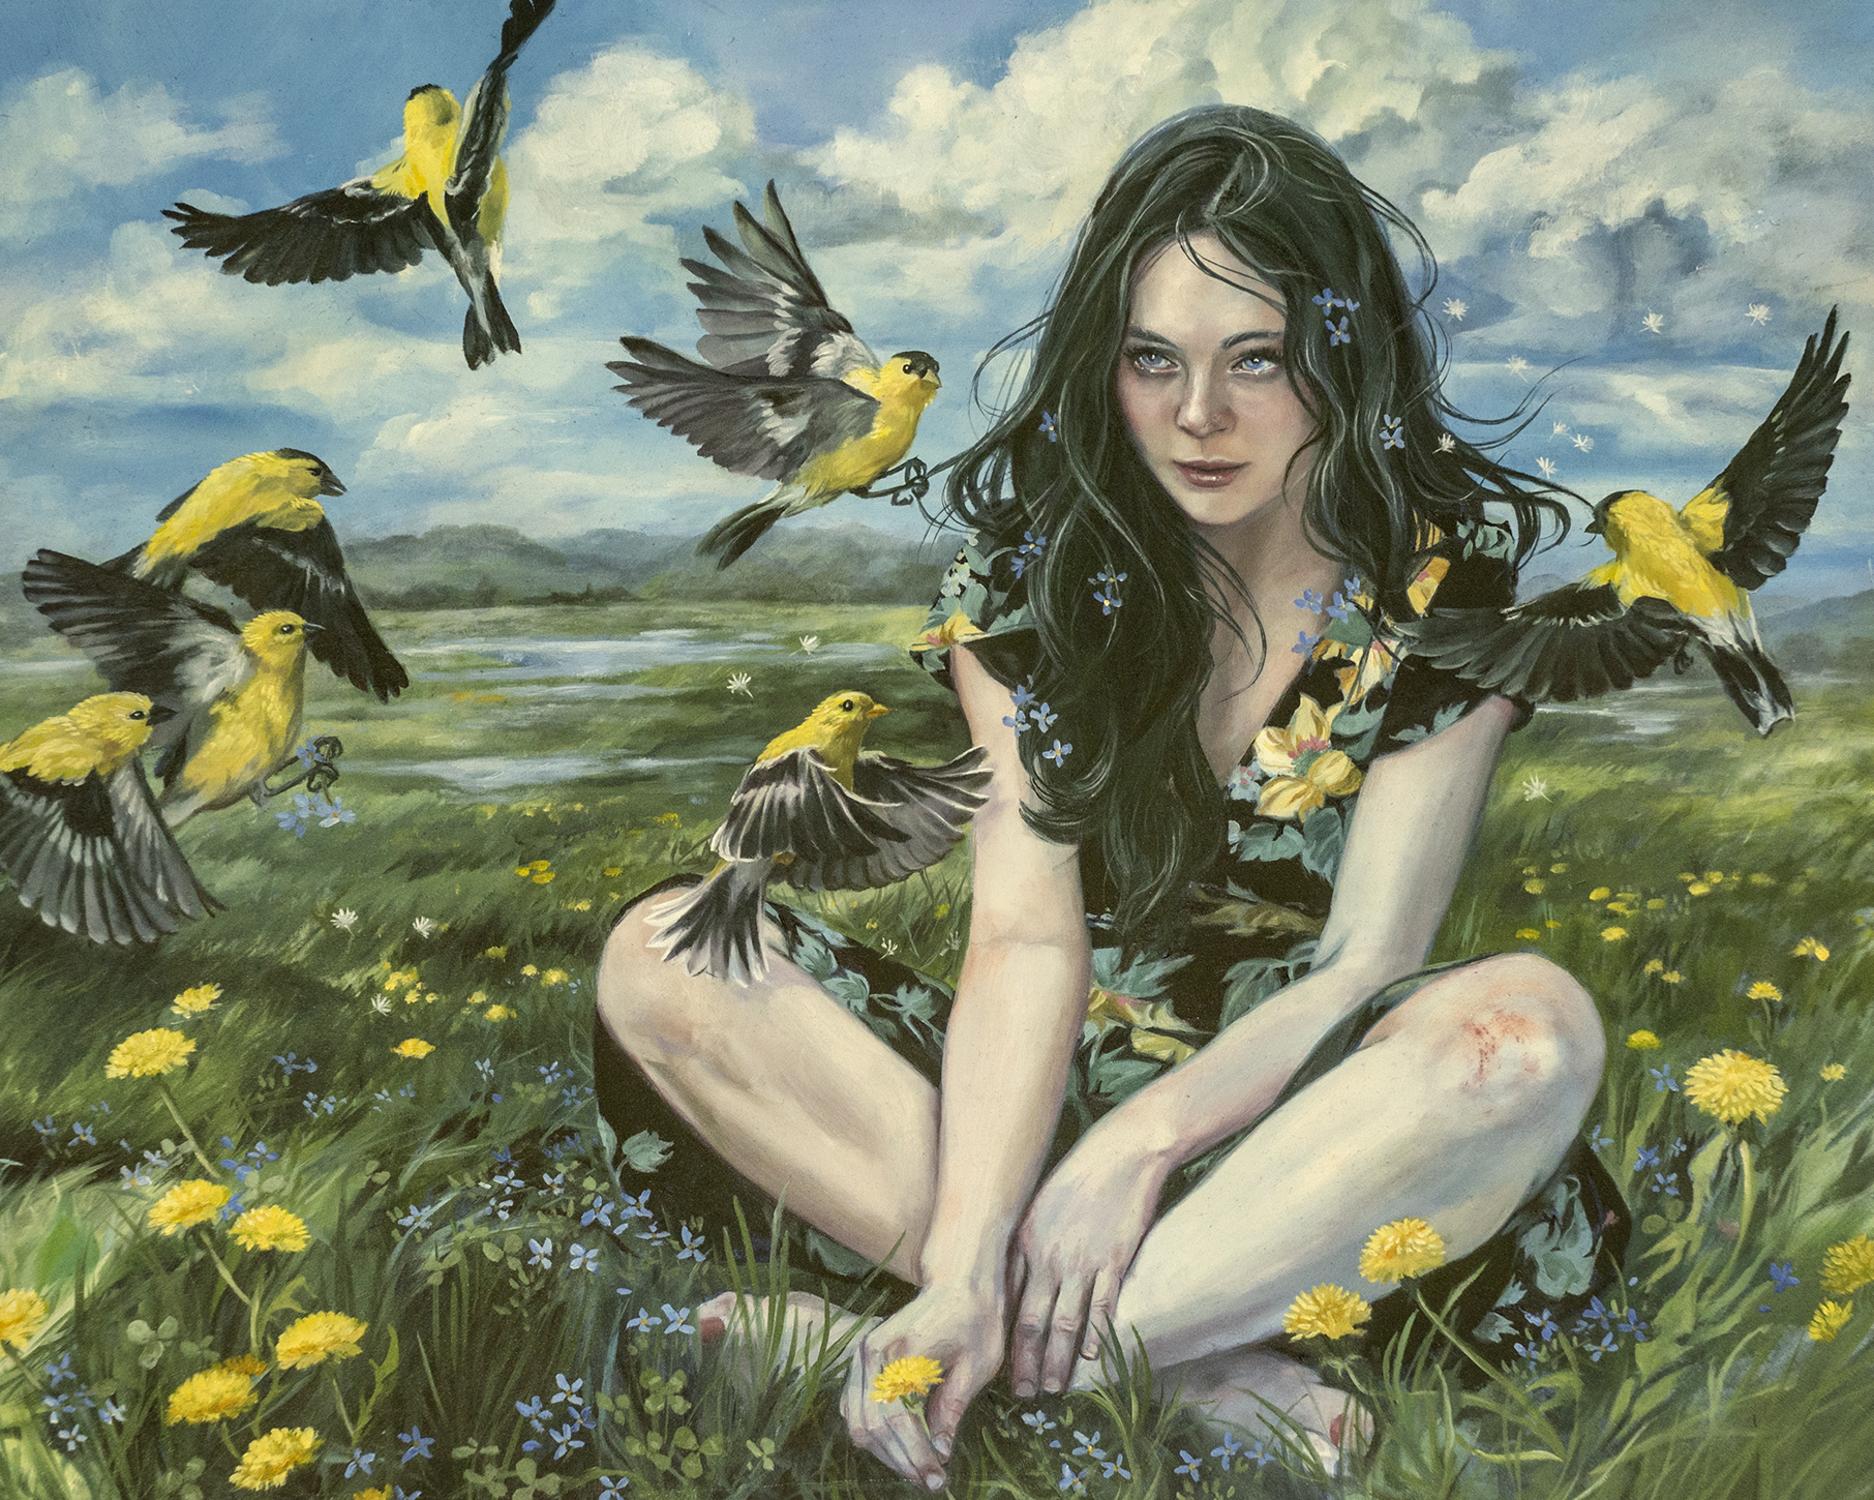 Calling Artwork by Jennifer Hrabota Lesser